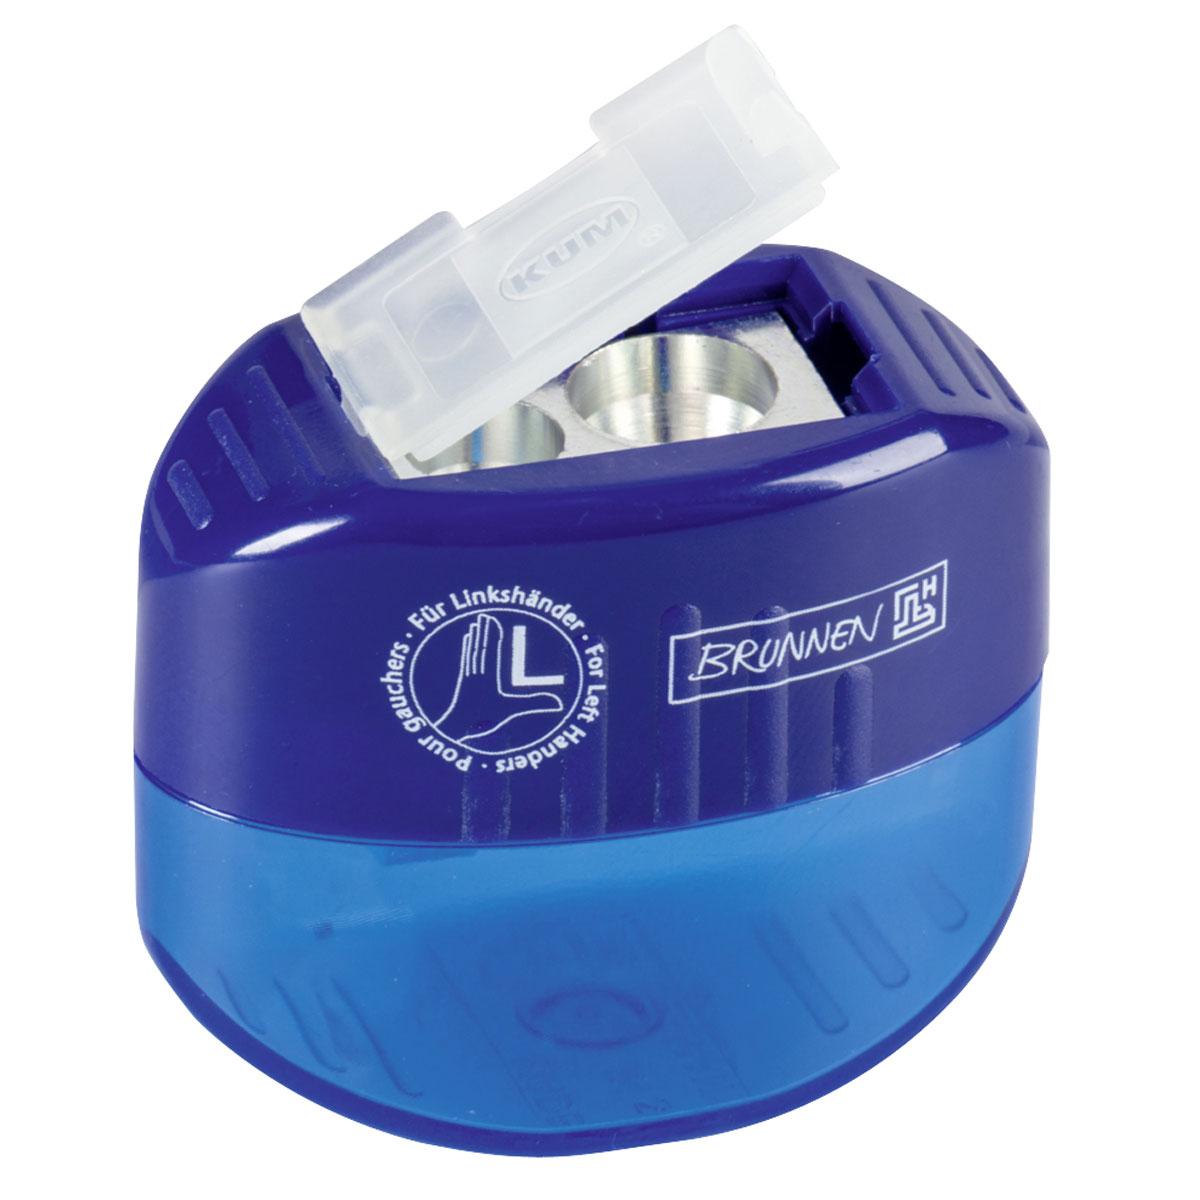 Brunnen Точилка двойная, для левшей, цвет: синийЕ-26010 00_розовый, салатовыйТочилка двойная для левшей, выполнена из прочного пластика.В точилке имеются два отверстия для карандашей разного диаметра, подходит для различных видов карандашей. Отверстия закрываются удобной пластиковой крышкой.Полупрозрачный контейнер для сбора стружки позволяет визуально контролировать уровень заполнения и вовремя производить очистку.